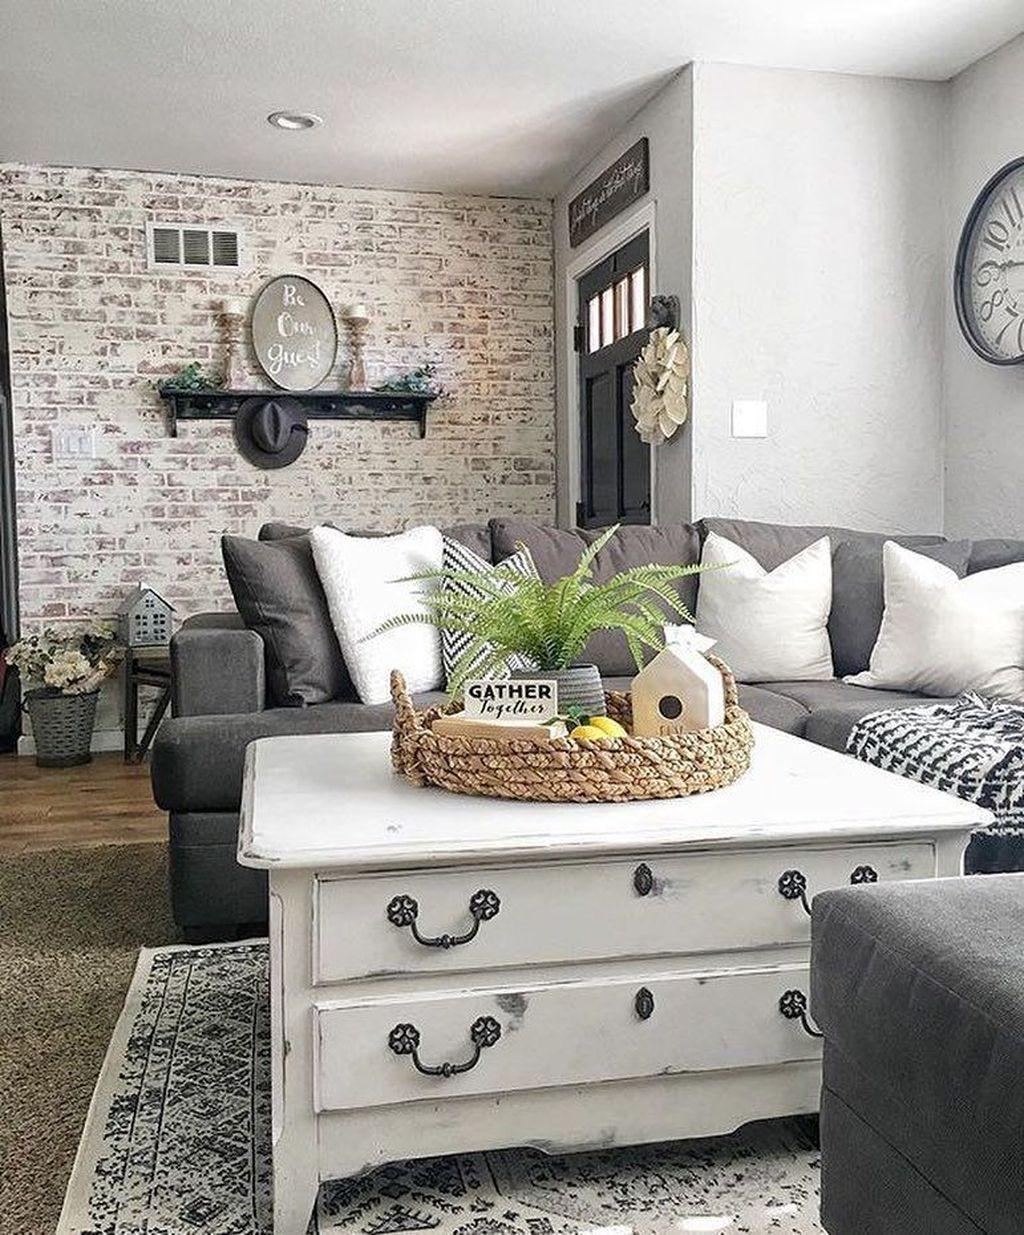 38 amazing antique farmhouse decoration ideas for your home decor